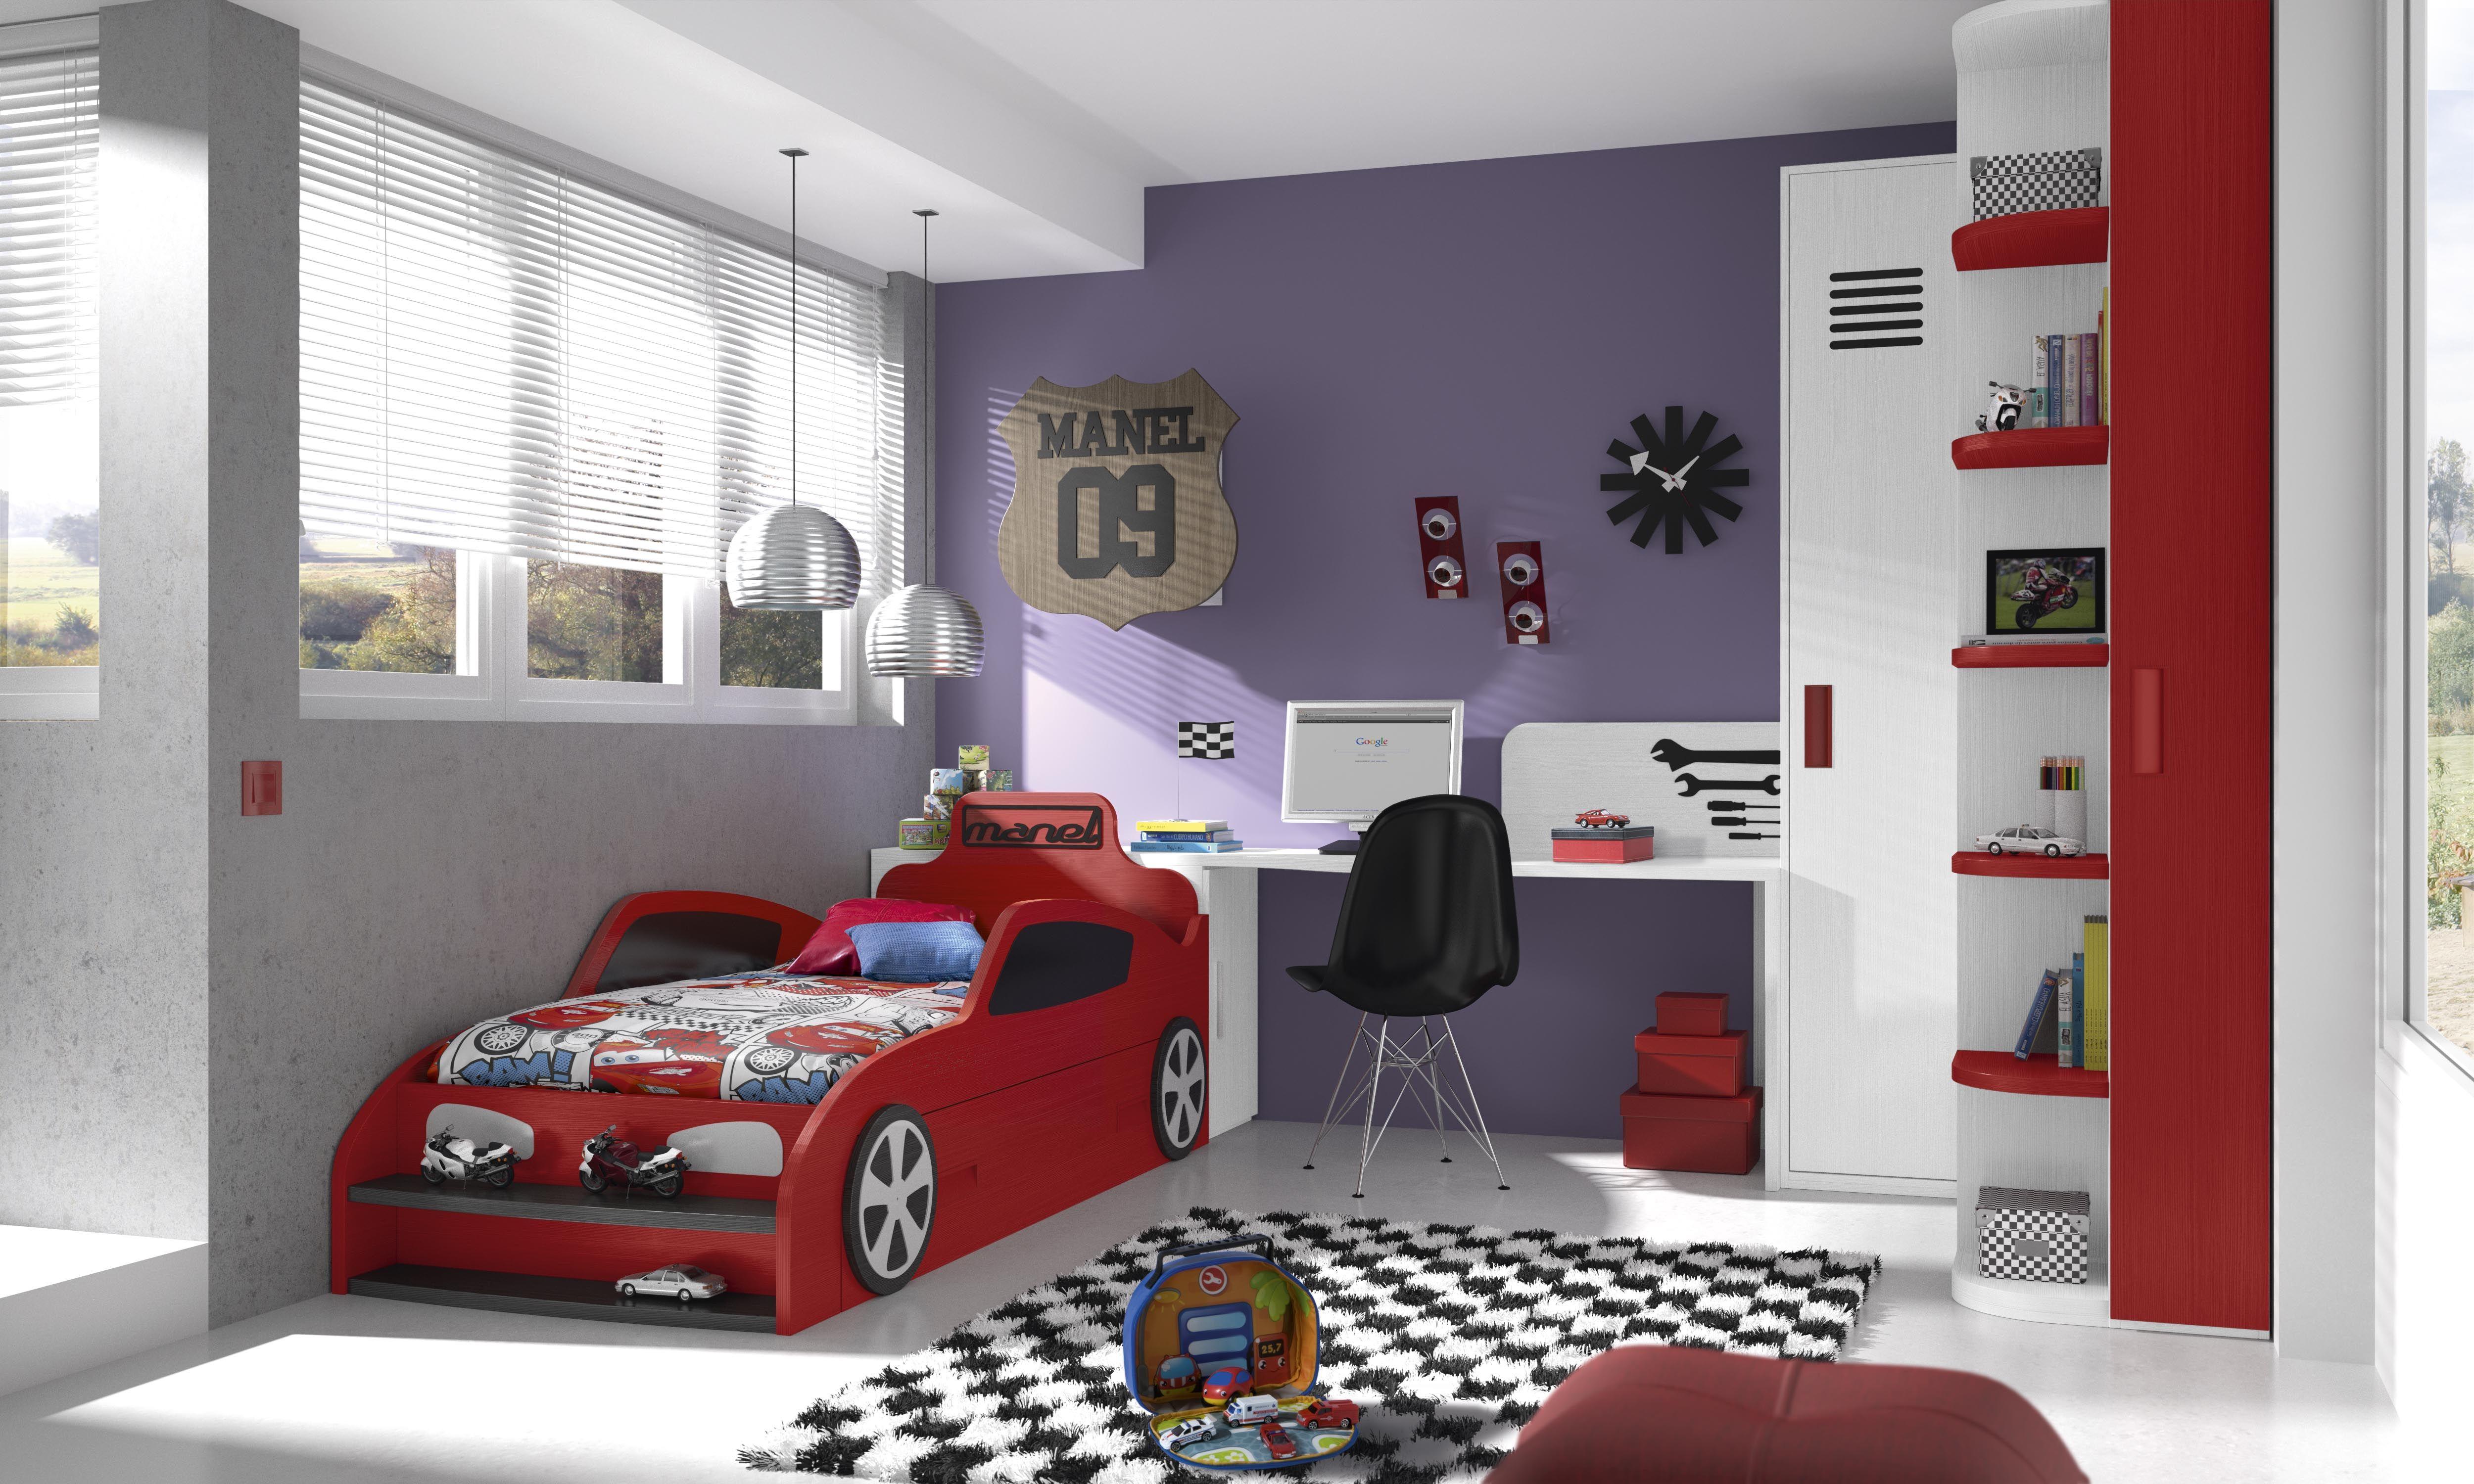 Dormitorio Dibujo ~ Habitaciones infantiles temáticas dibujos animados coches2 Habitación Pau Pinterest